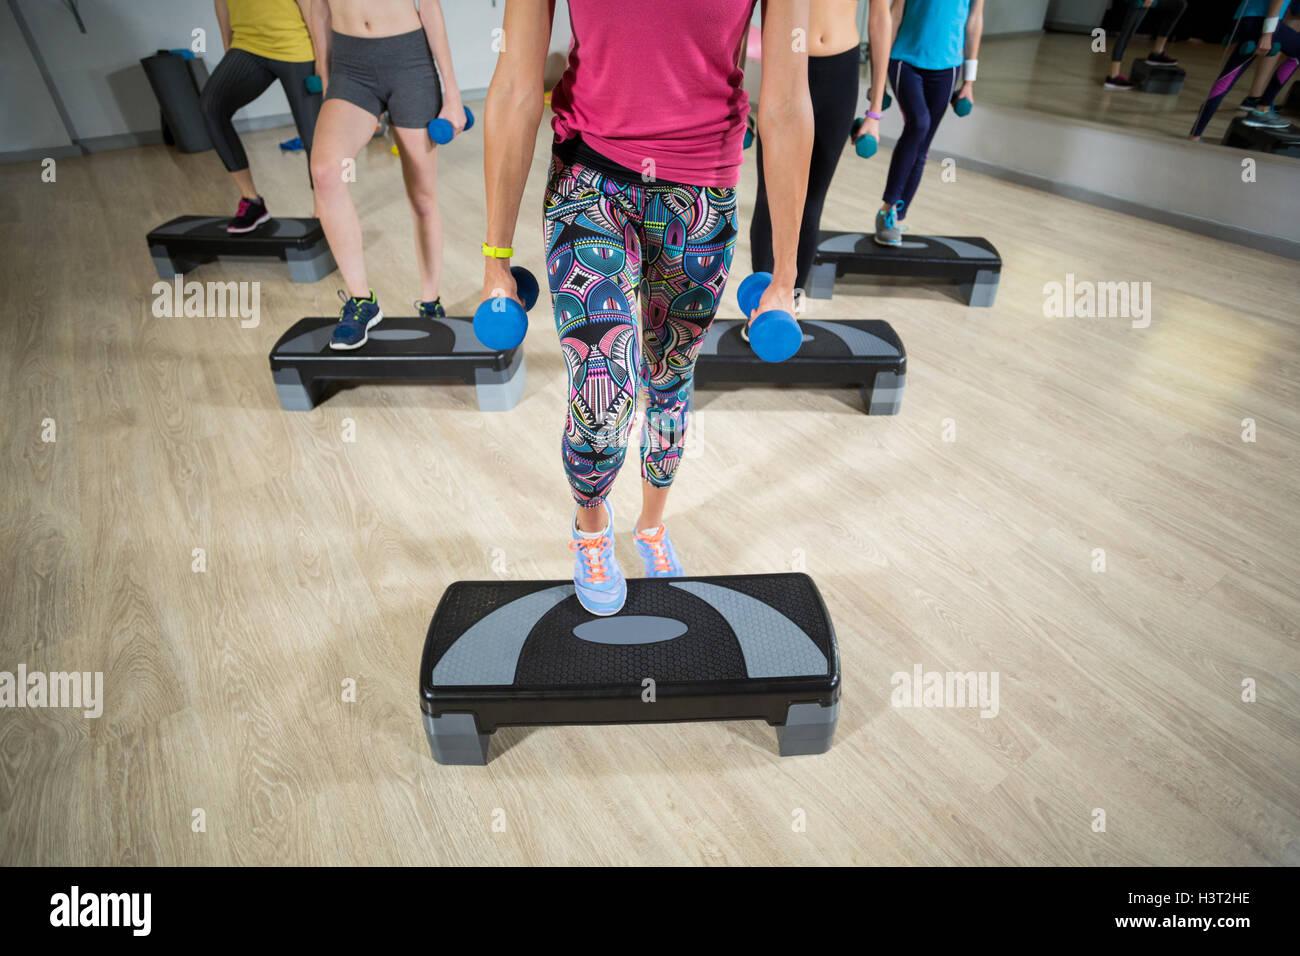 Un gruppo di donne che esercitano su stepper aerobica Immagini Stock